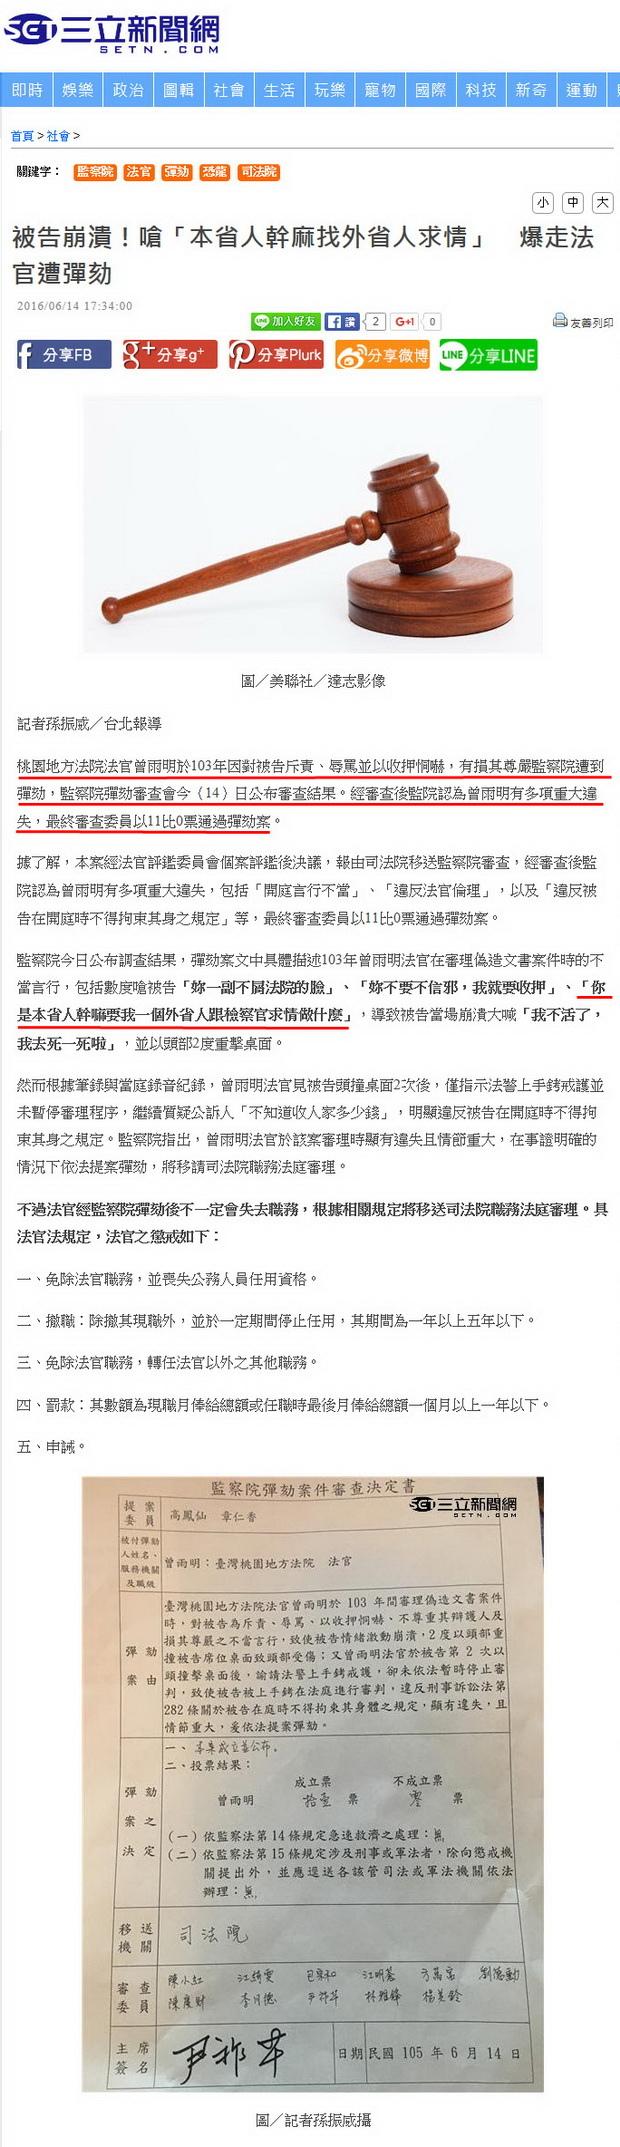 被告崩潰!嗆「本省人幹麻找外省人求情」 爆走法官遭彈劾-2016.06.14.jpg